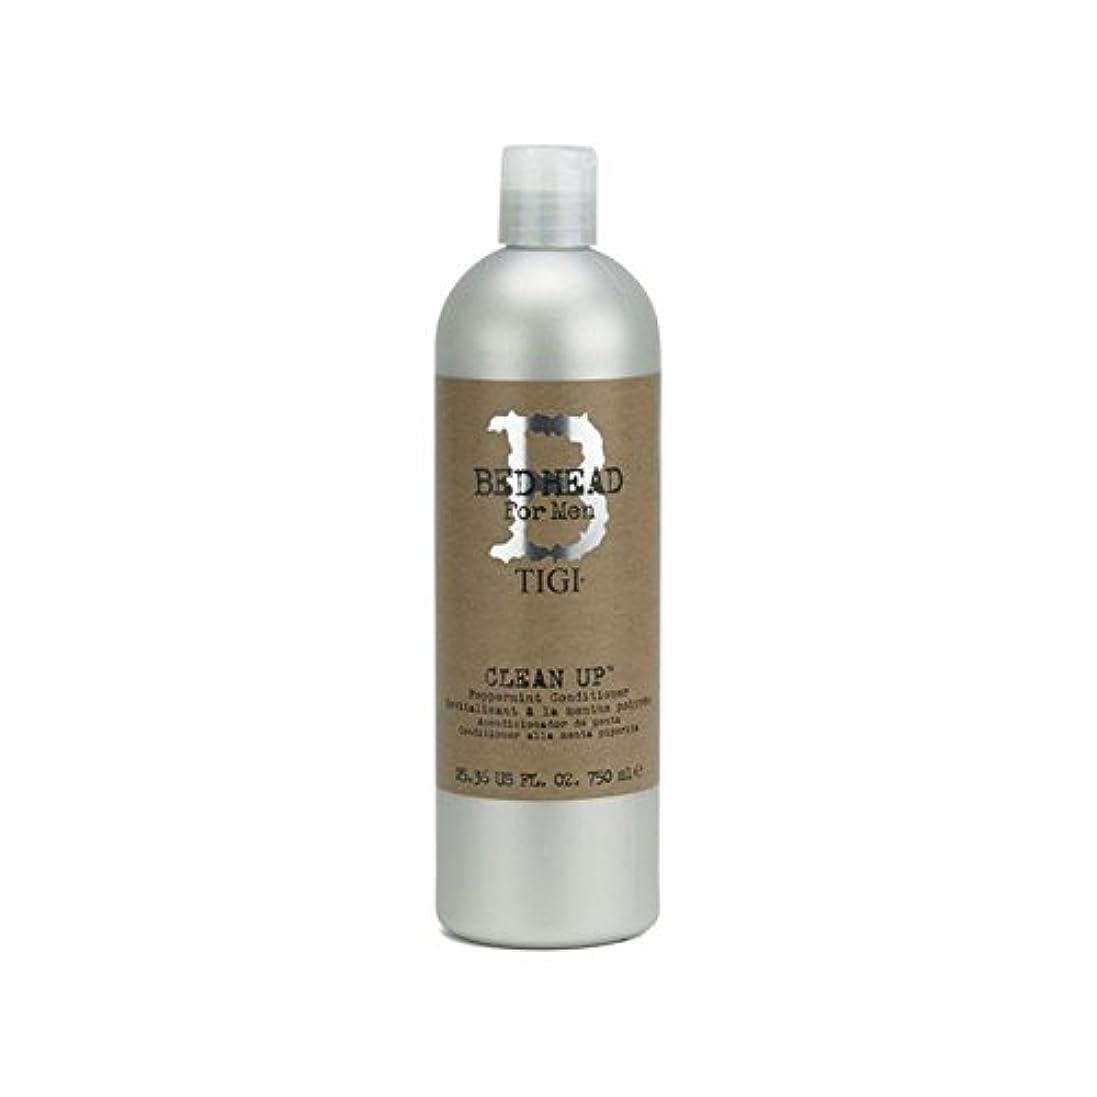 Tigi Bed Head For Men Clean Up Peppermint Conditioner (750ml) - ペパーミントコンディショナーをクリーンアップする男性のためのティジーベッドヘッド(750ミリリットル...